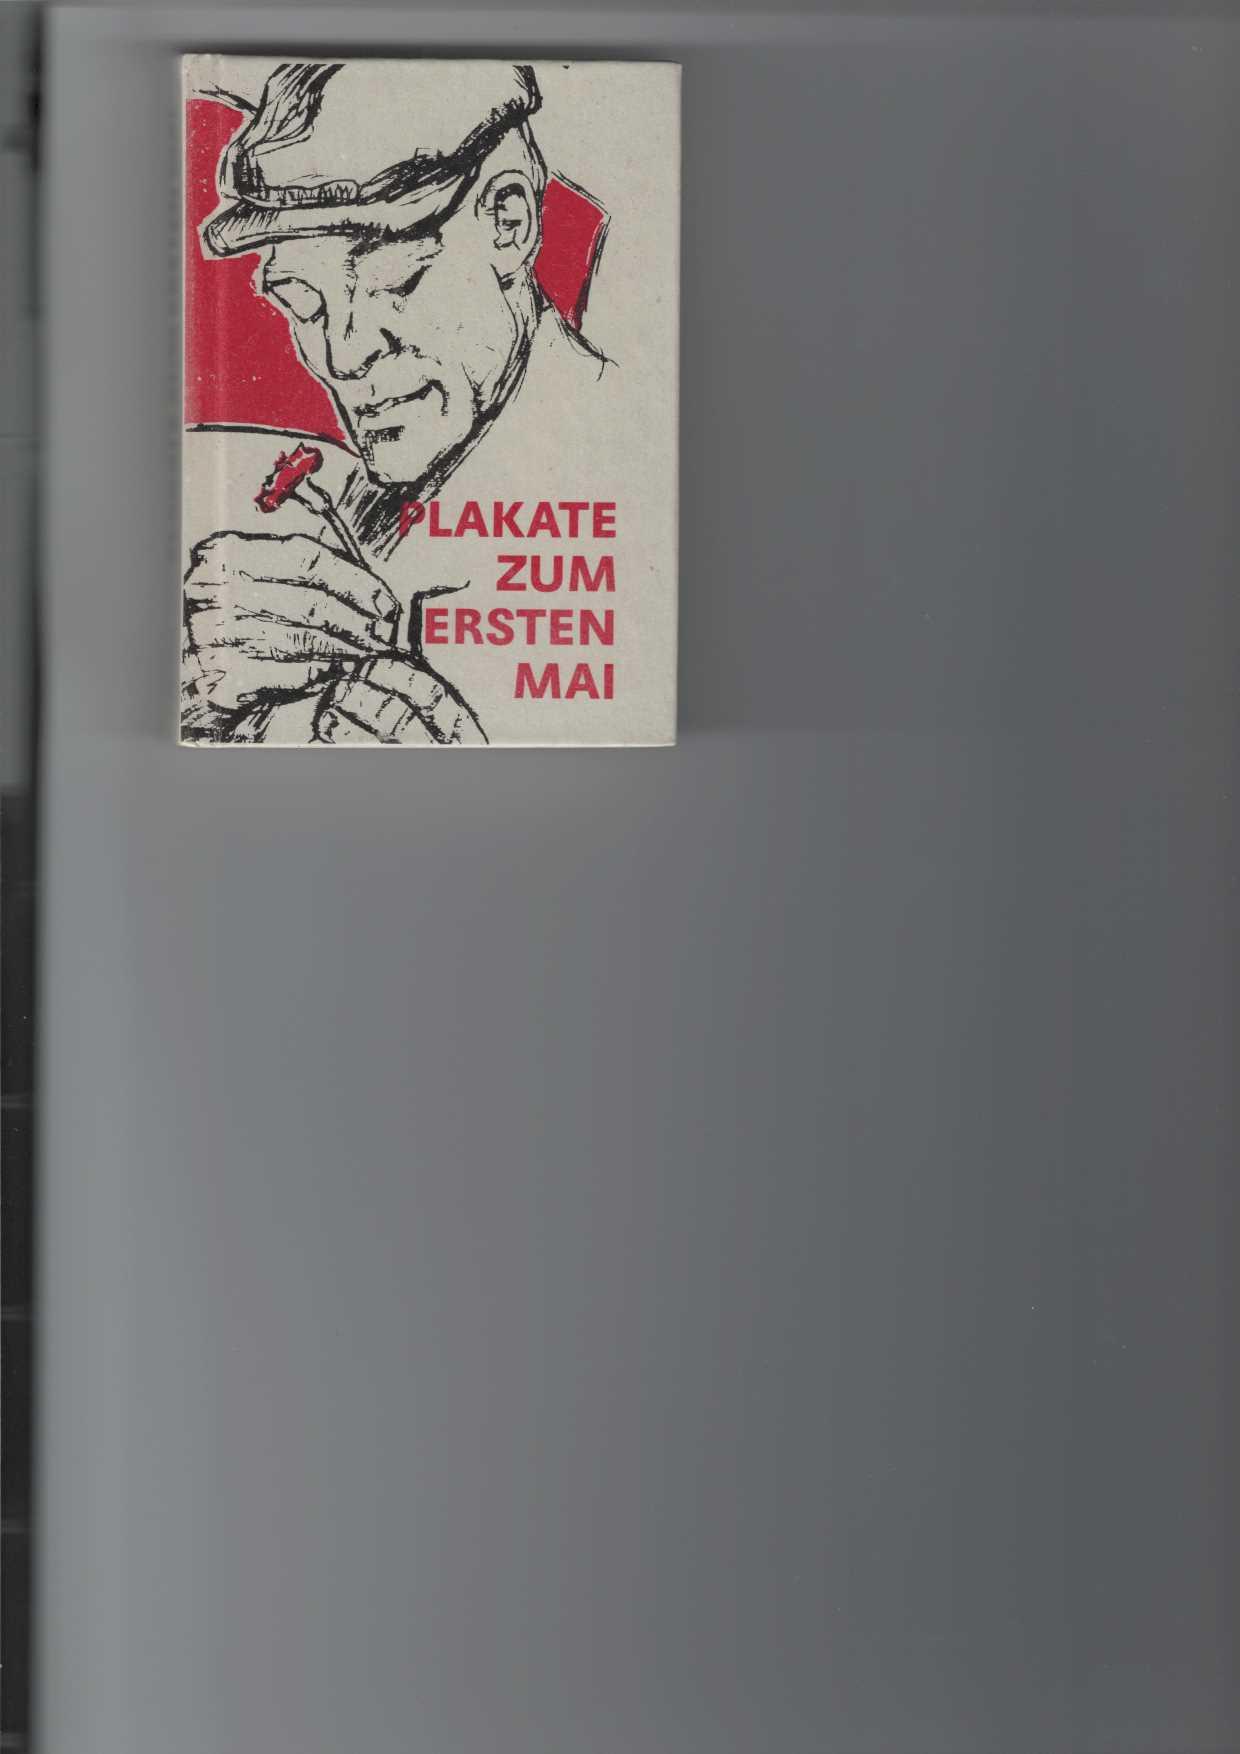 Plakate zum Ersten Mai aus der Geschichte der Arbeiterbewegung - Bulgarien, CSSR, DDR, Polen, UdSSR, Ungarn, 1. Aufl.,